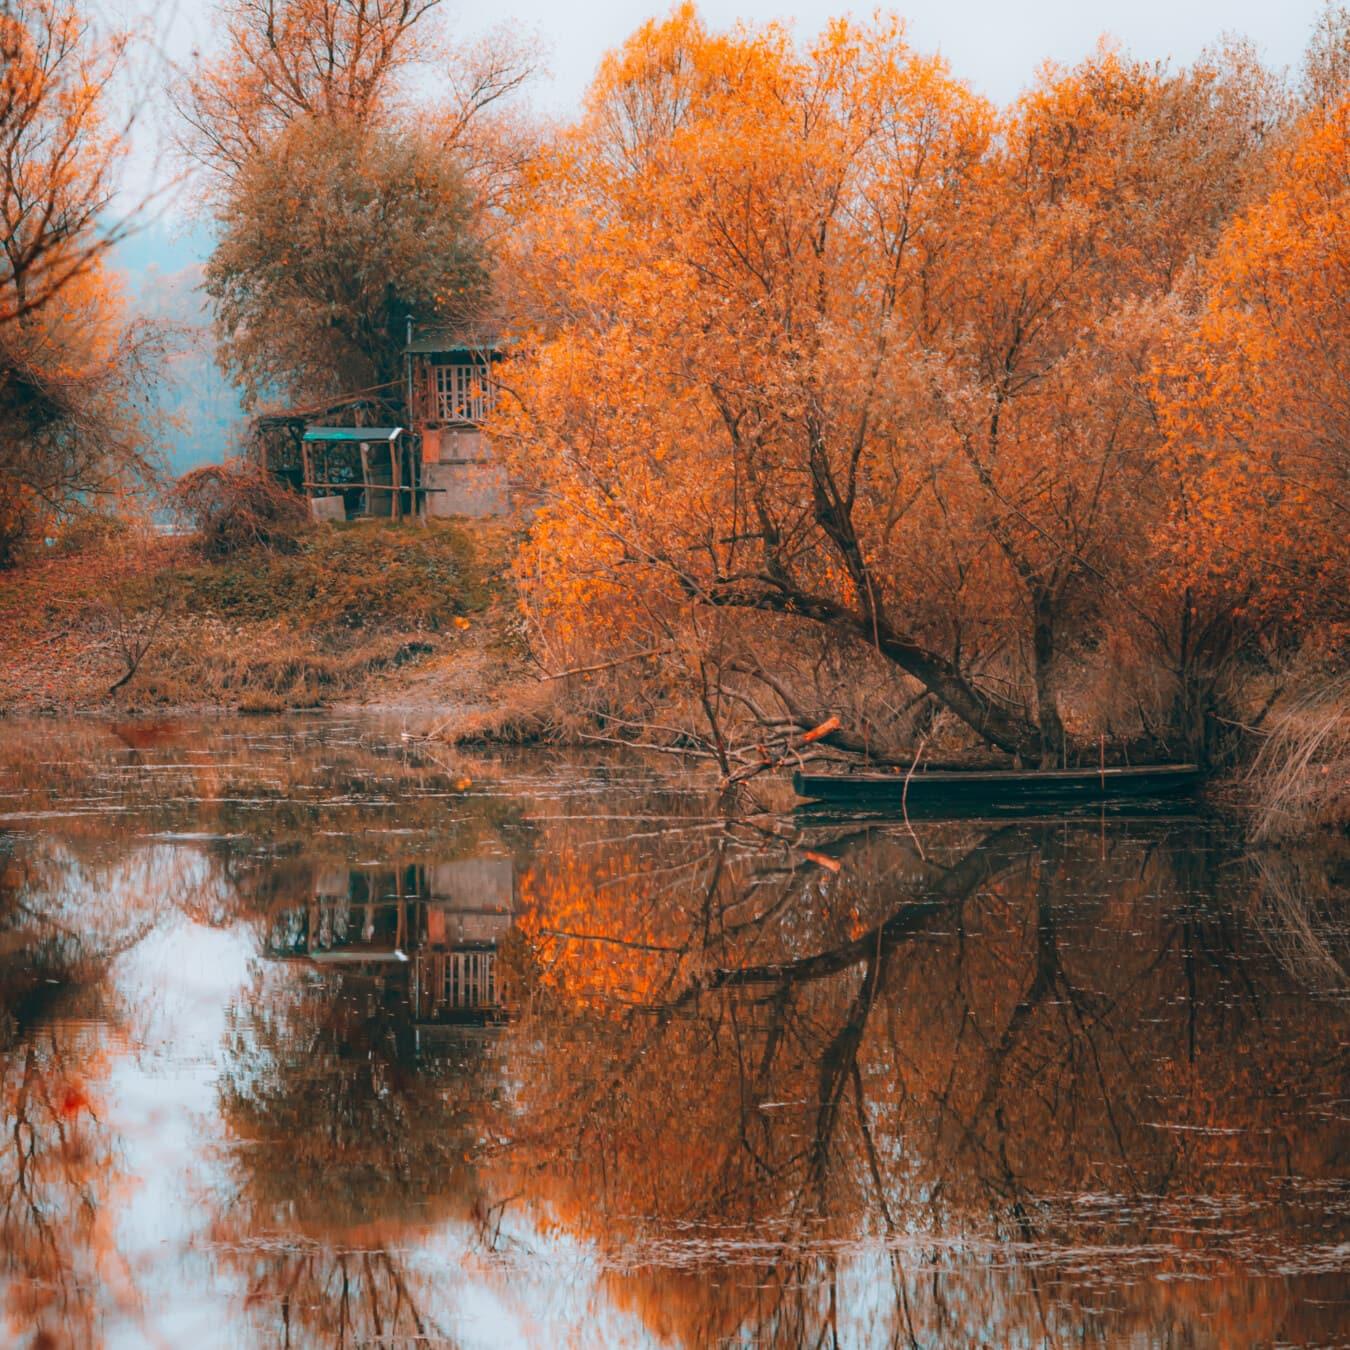 jaune orangé, couleurs, saison de l'automne, bateau, au bord du lac, paysage, branches, nature, paysage, forêt